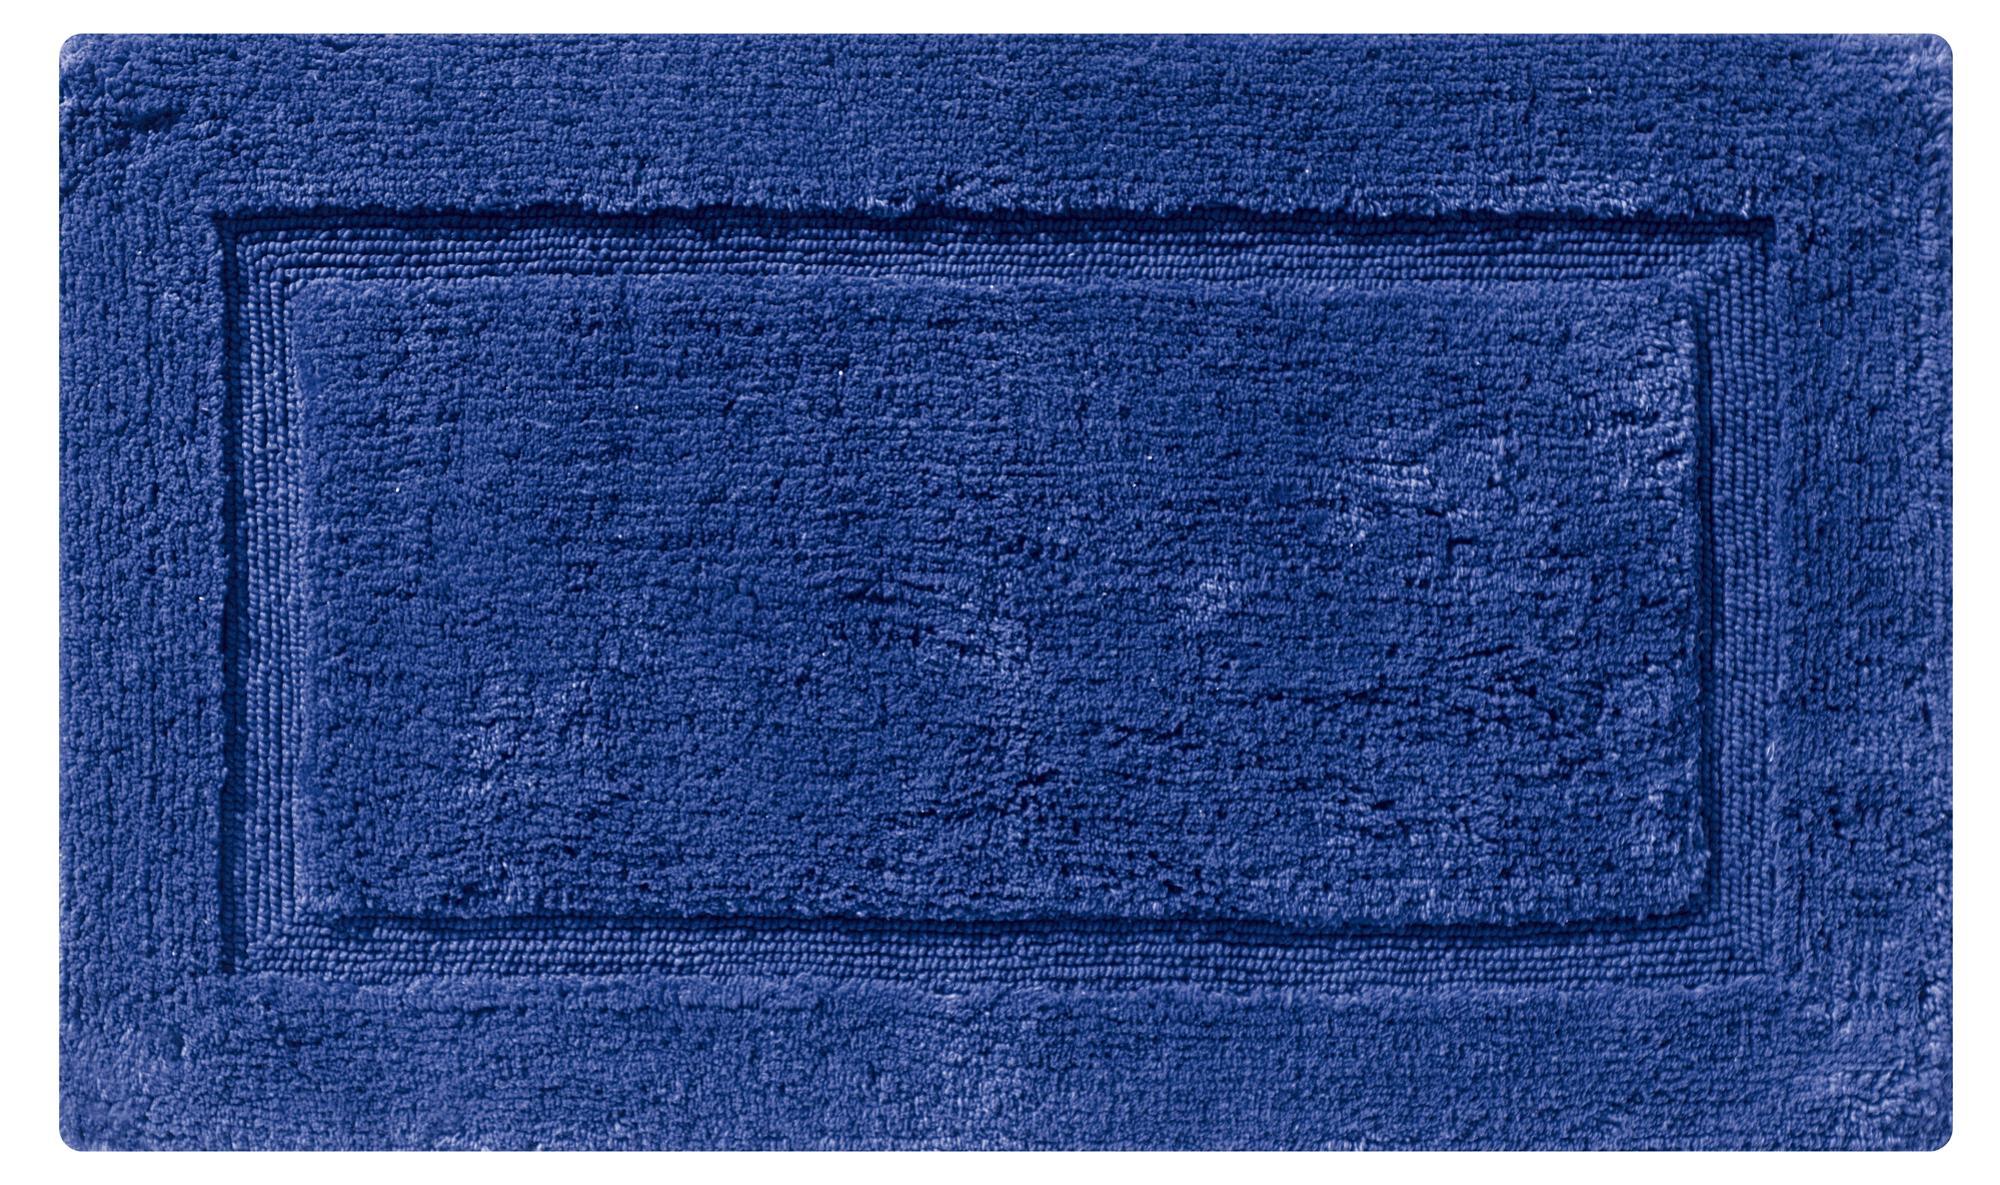 ΤΑΠΕΤΟ ΜΠΑΝΙΟΥ ΒΑΜΒ.50Χ80 BORDER ΜΠΛΕ